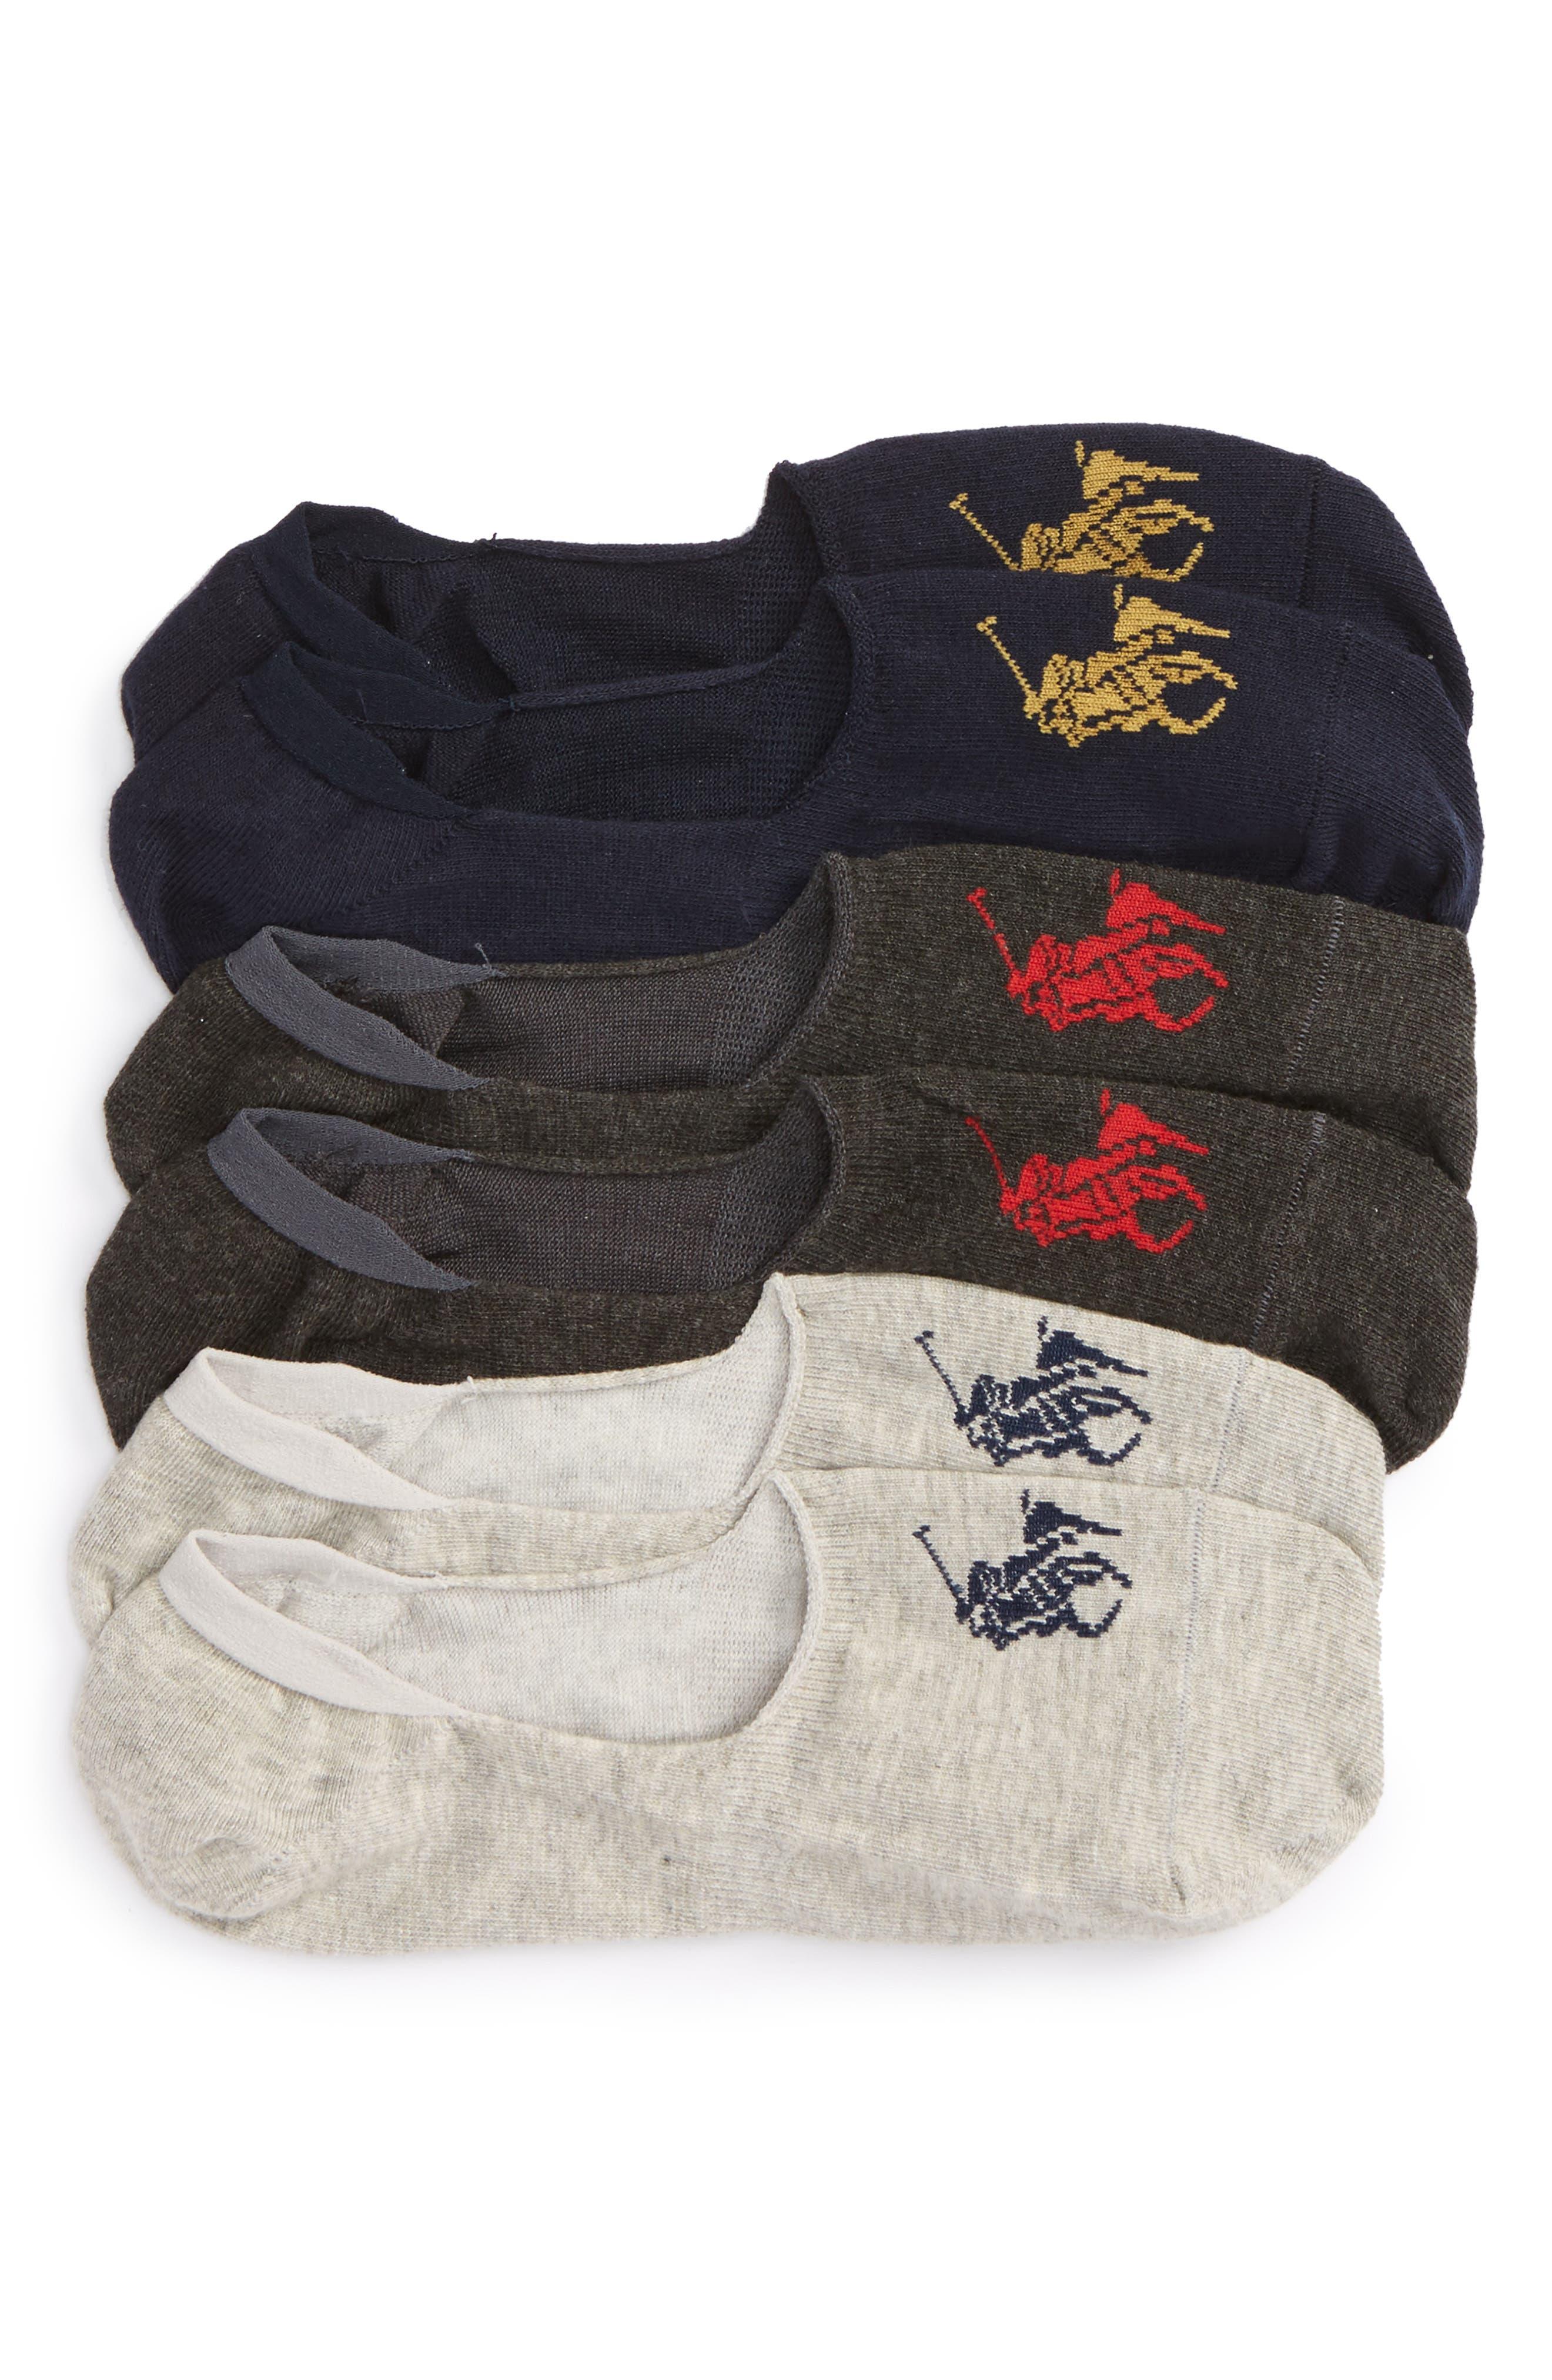 Main Image - Polo Ralph Lauren Liner Socks (3-Pack)